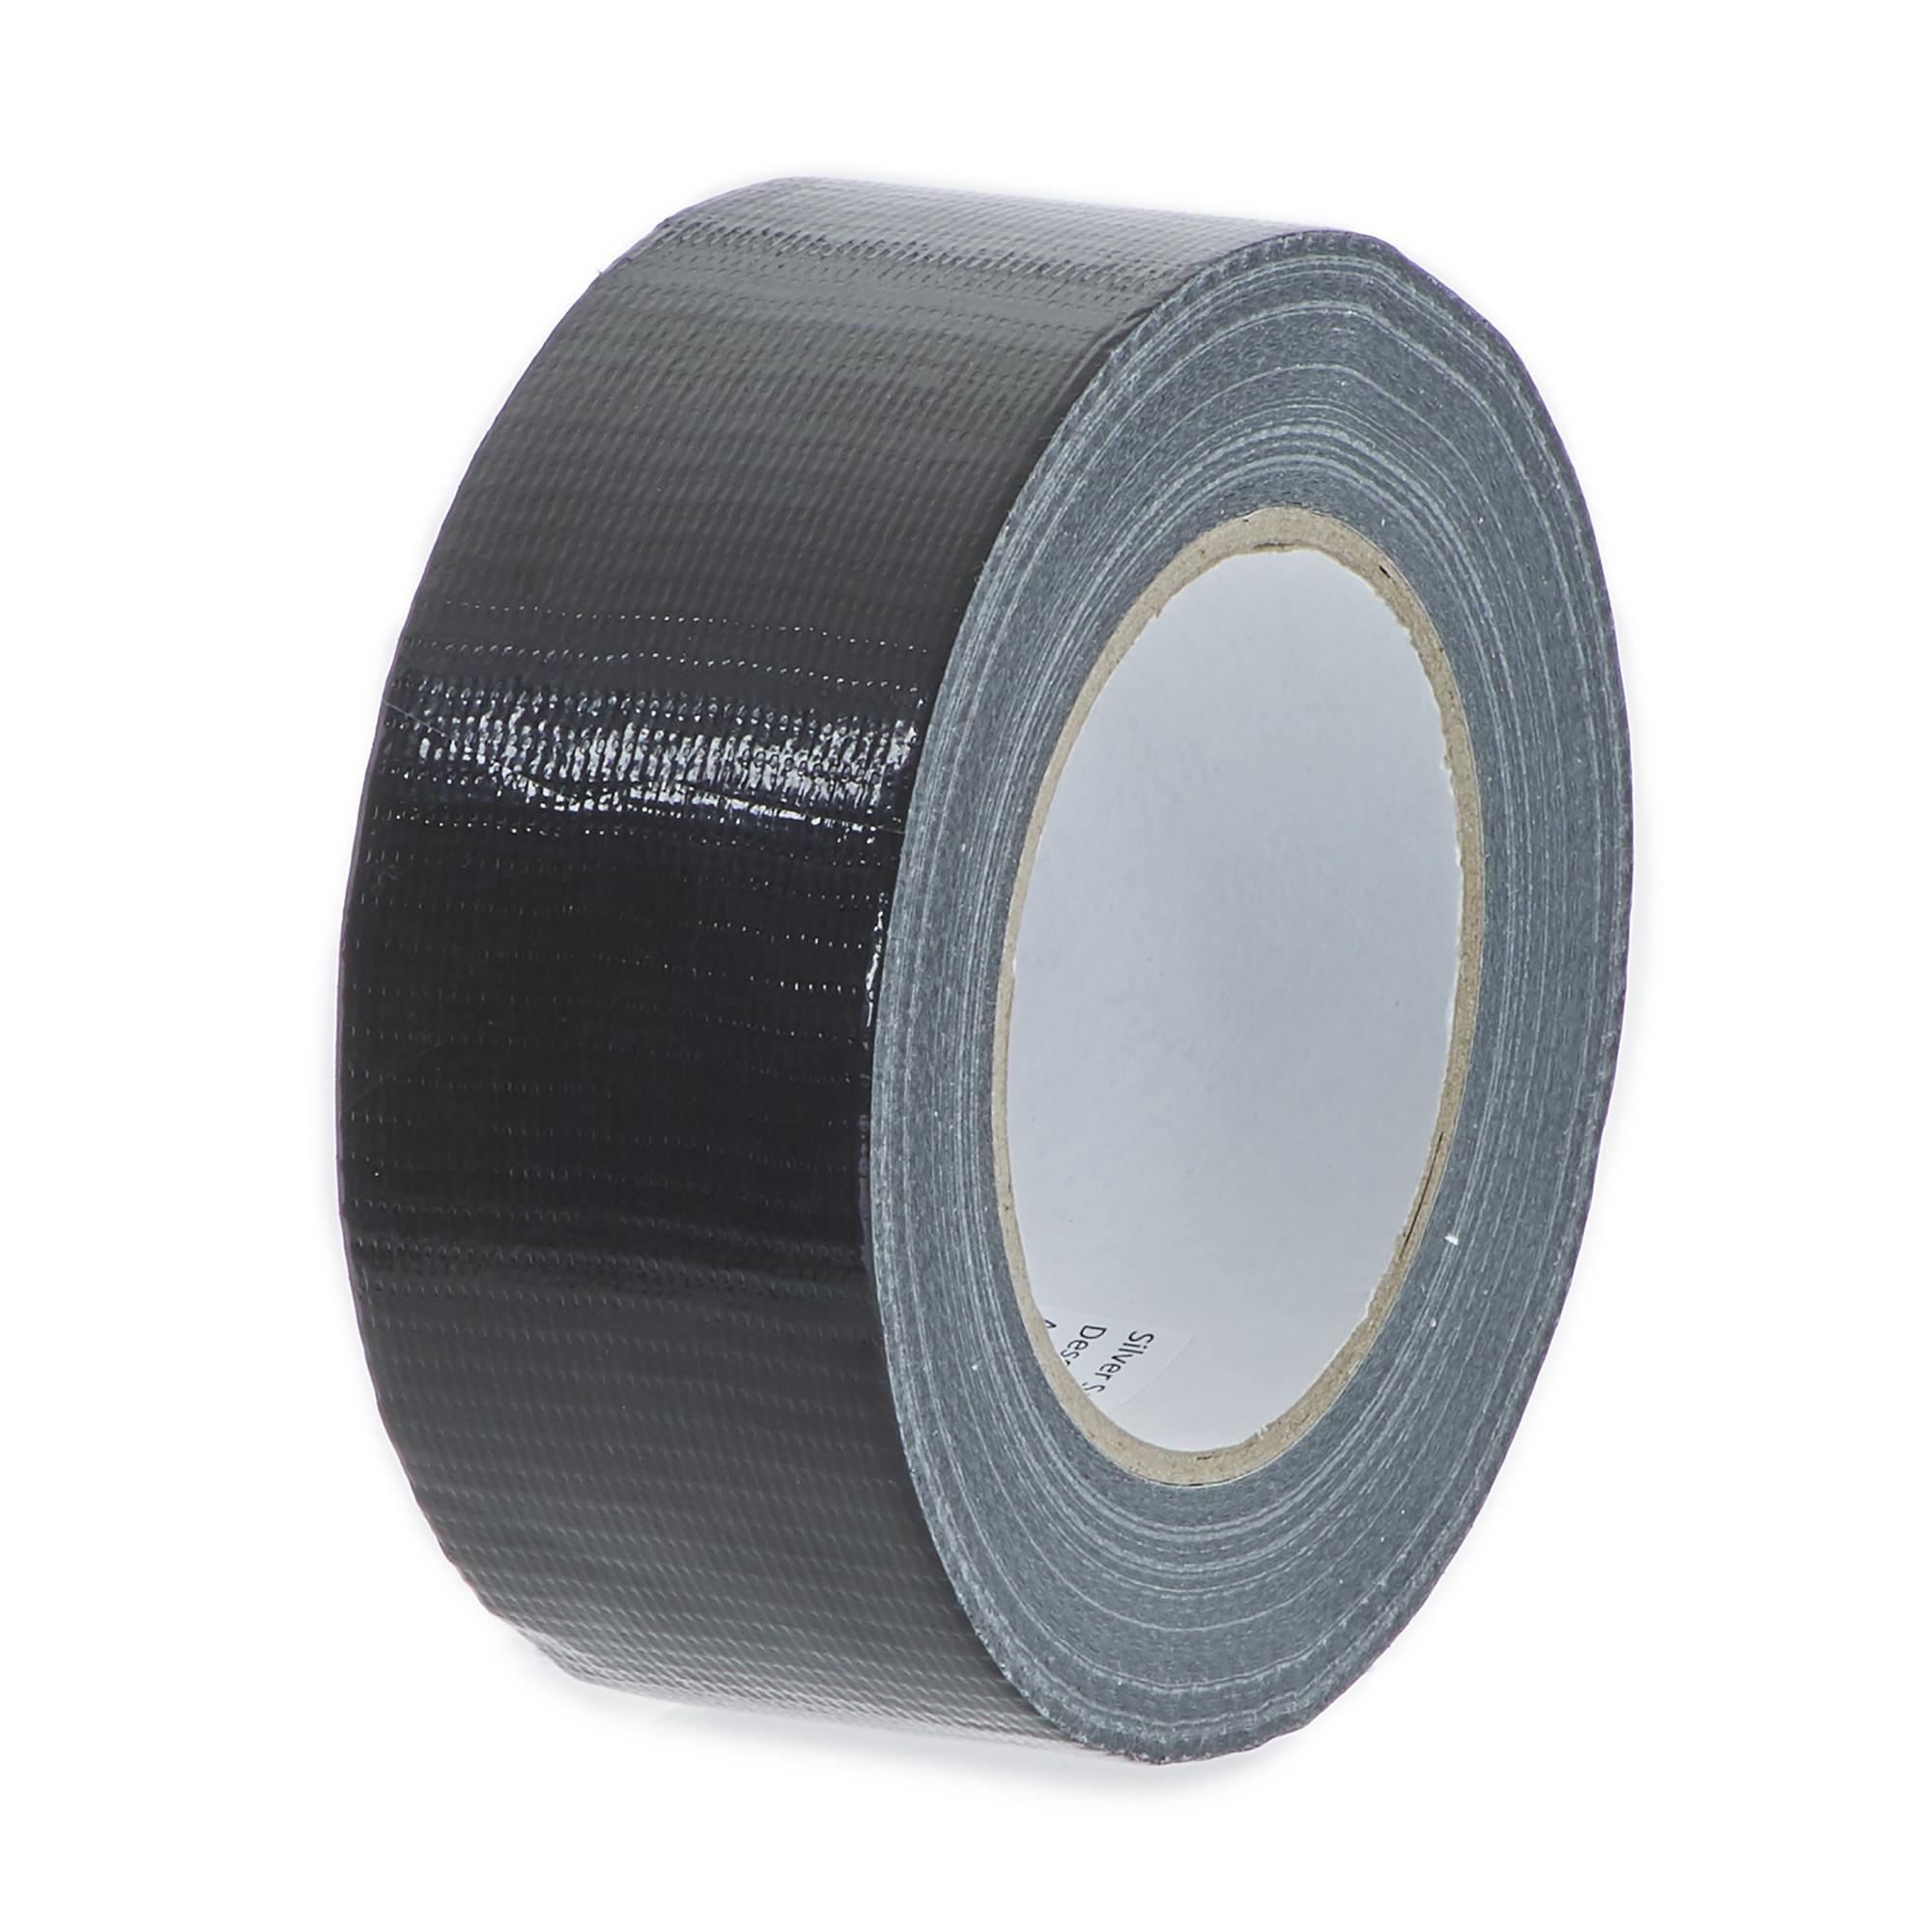 Classmates Cloth Tape Black Waterproof 50mm 50m Gls